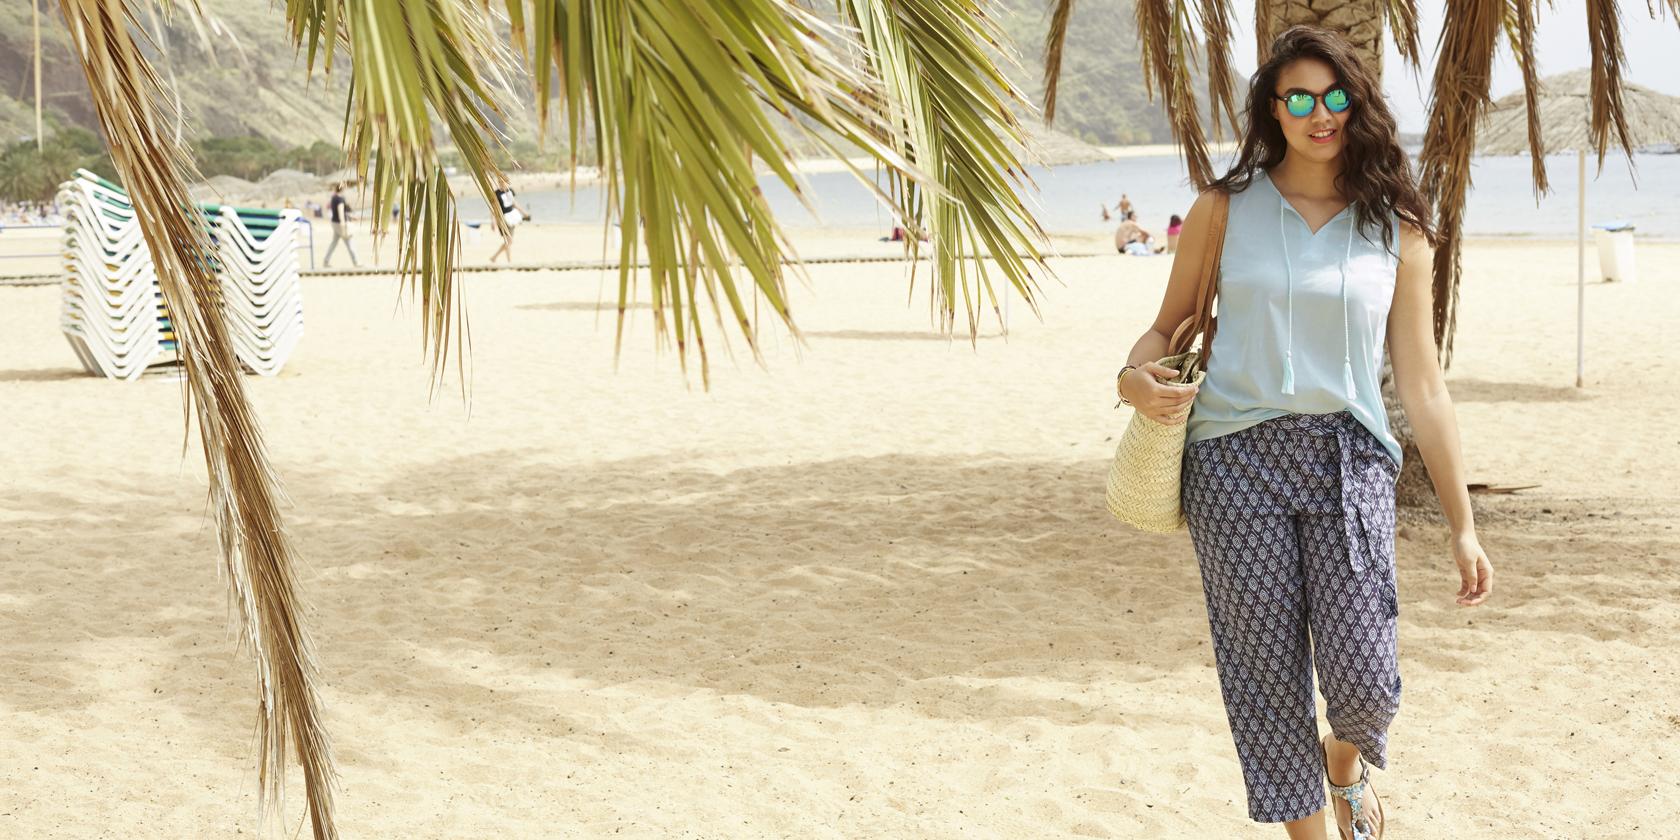 Hosen die euch beine machen beautypunk - Hosen die schlank machen ...